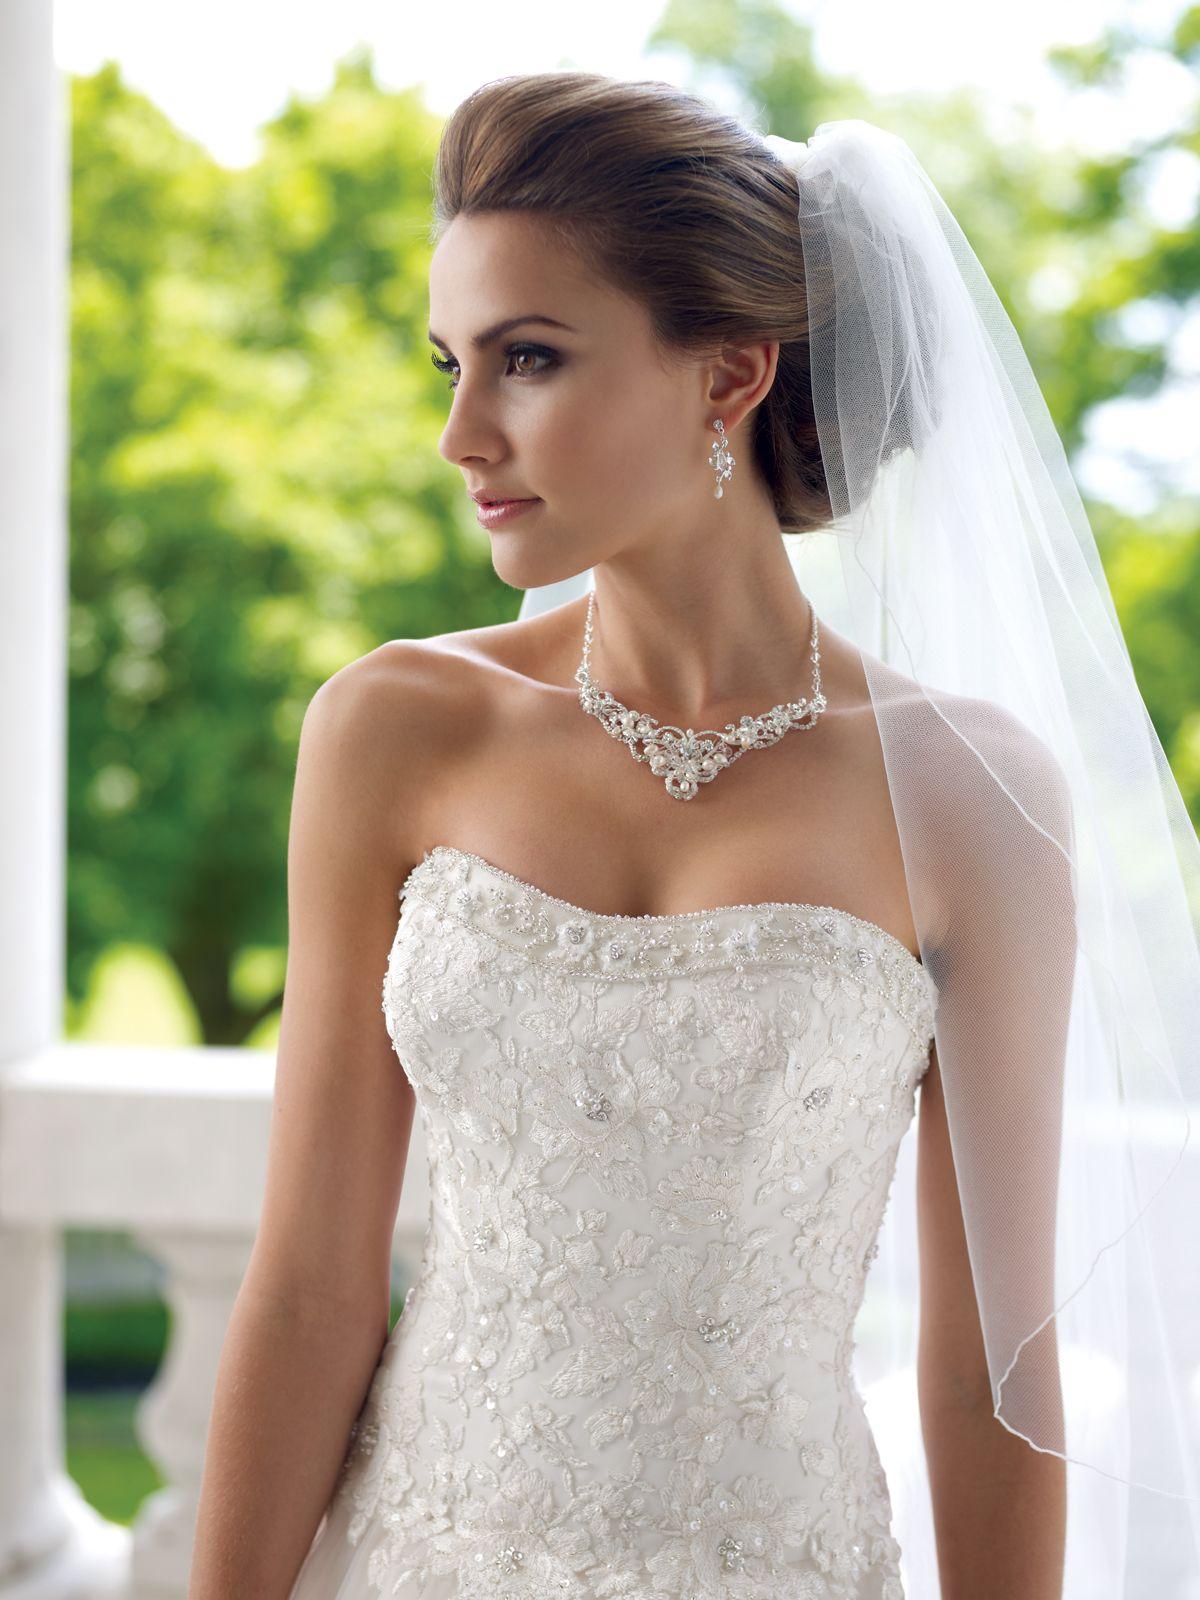 как подобрать украшение к свадебному платью фото